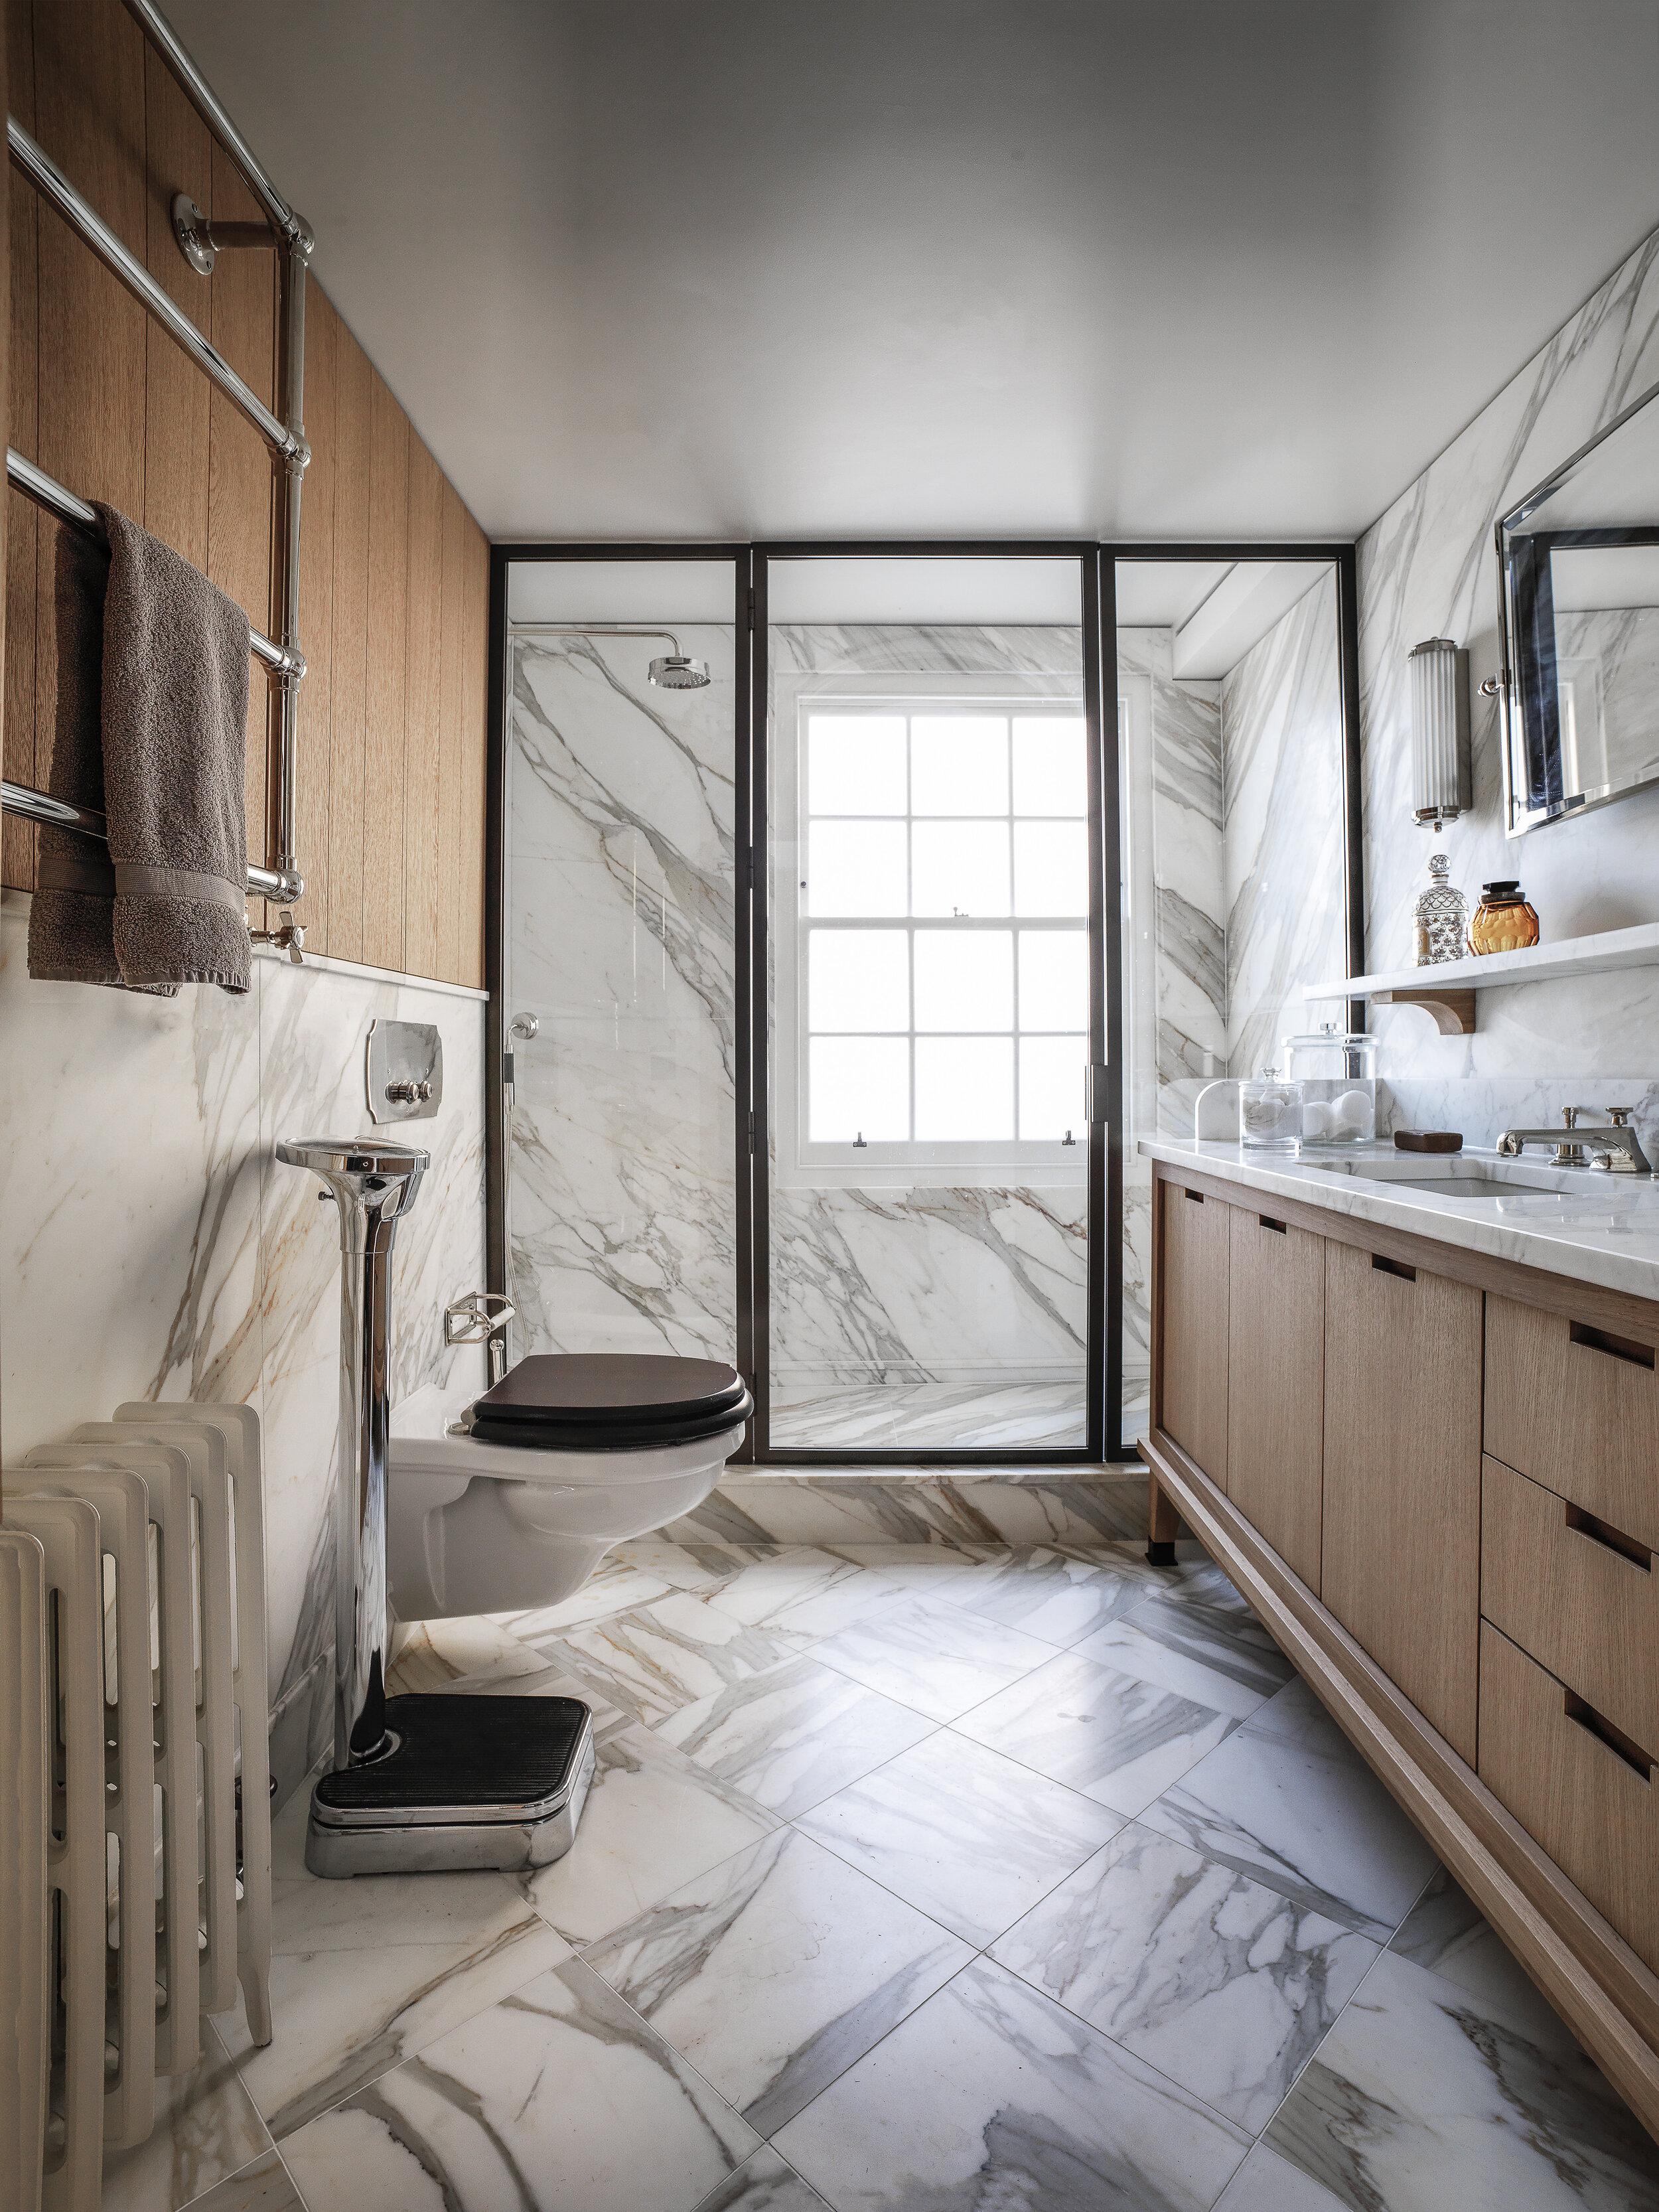 GB-Clifford-Street-GiGi-Bathroom.jpg